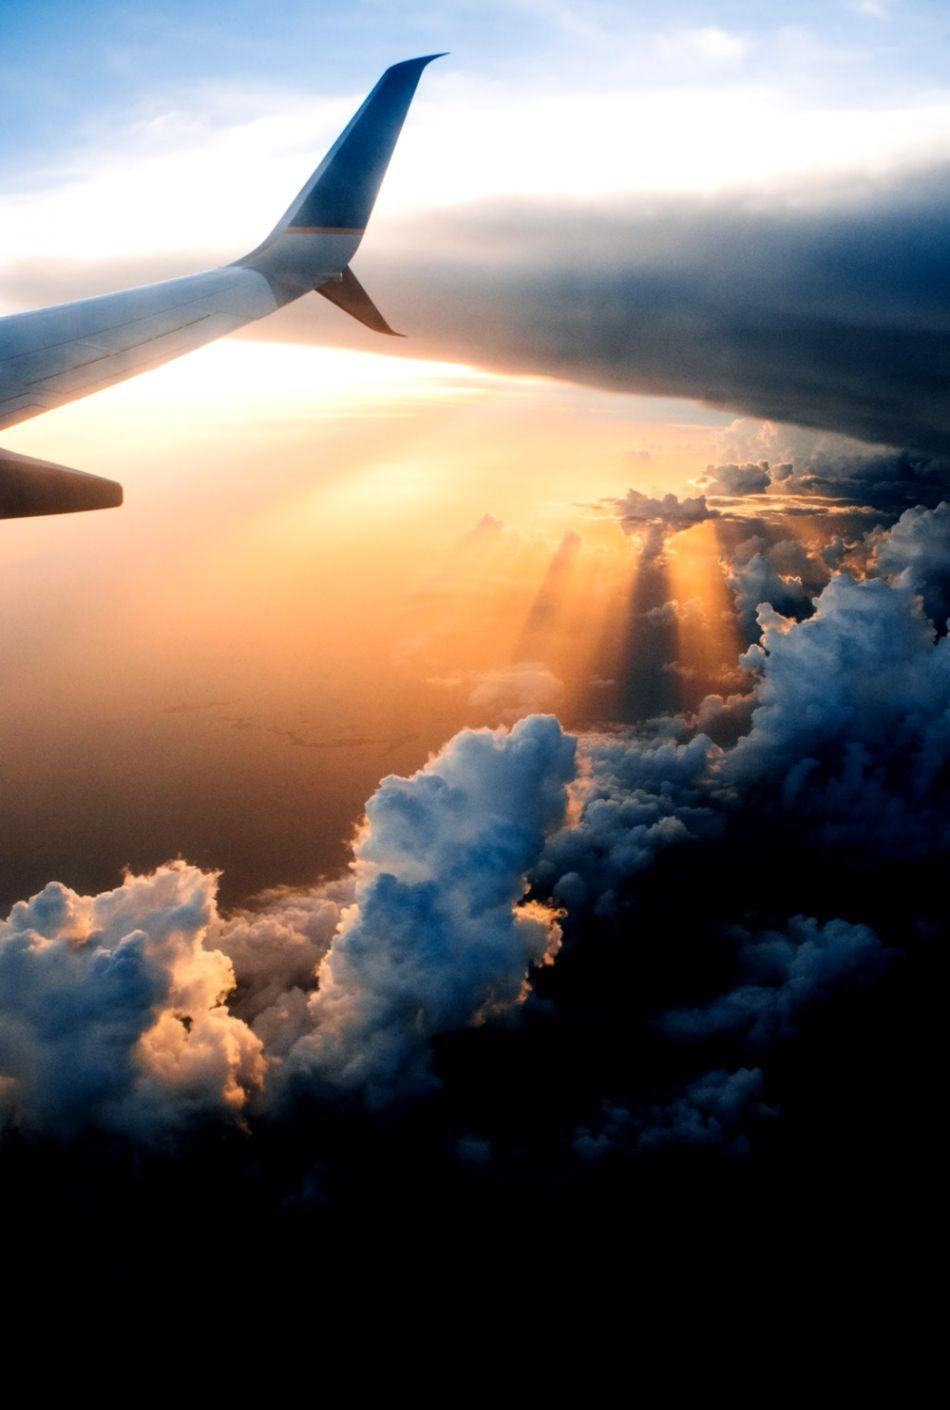 Air Plane Wallpaper Hd Hippiehippieshakeshake